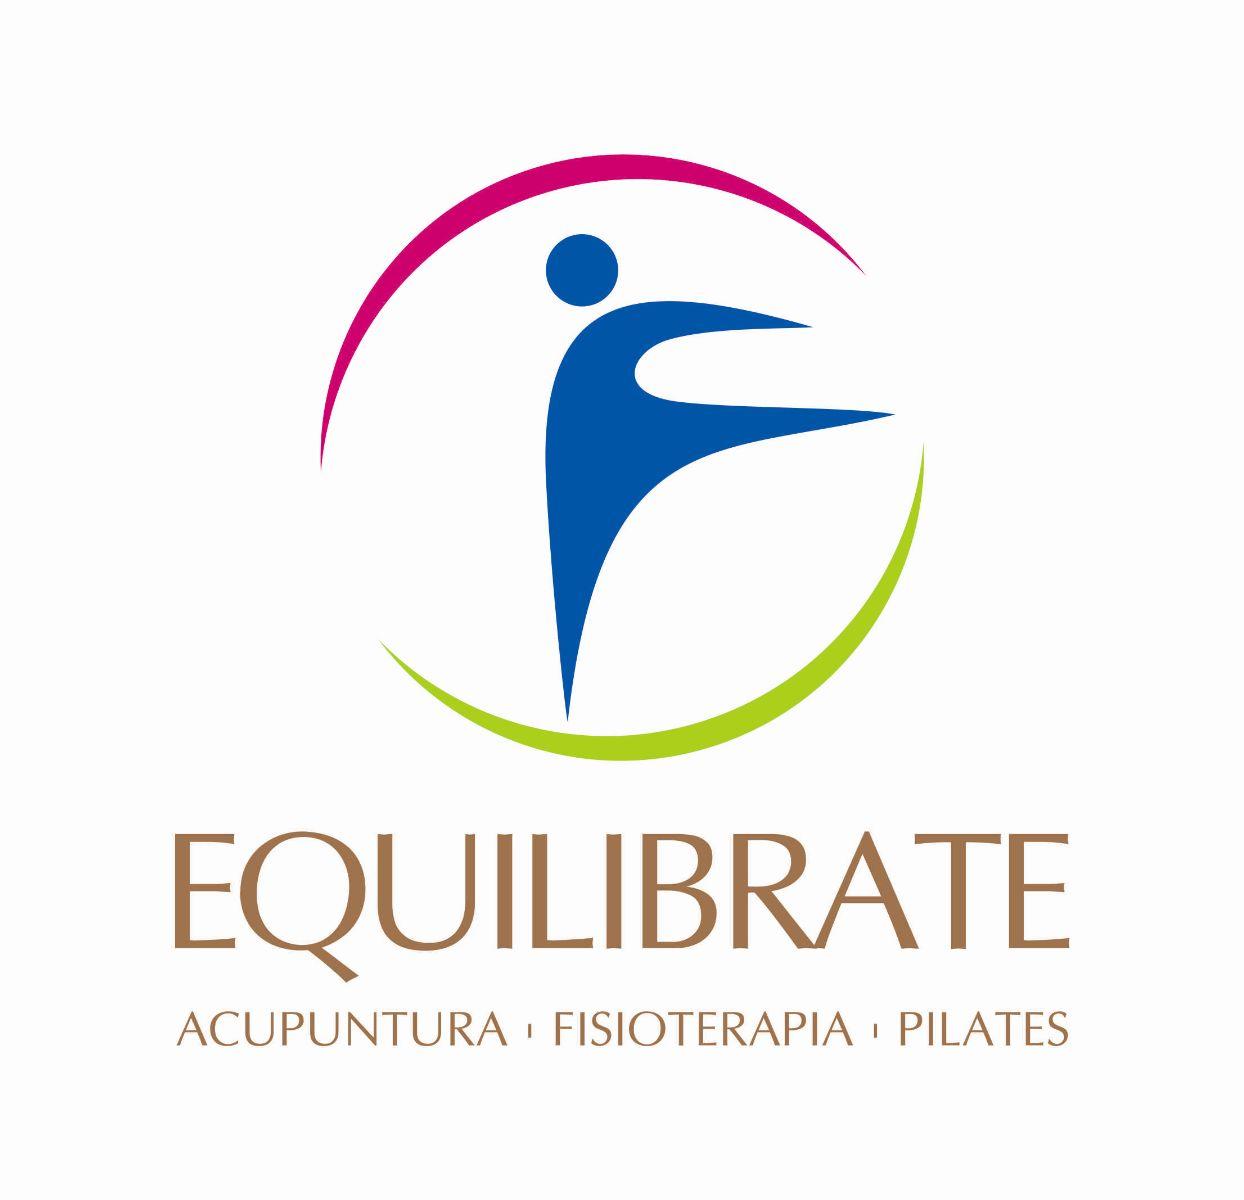 Equilibrate Acupuntura Fisioterapia e Pilates